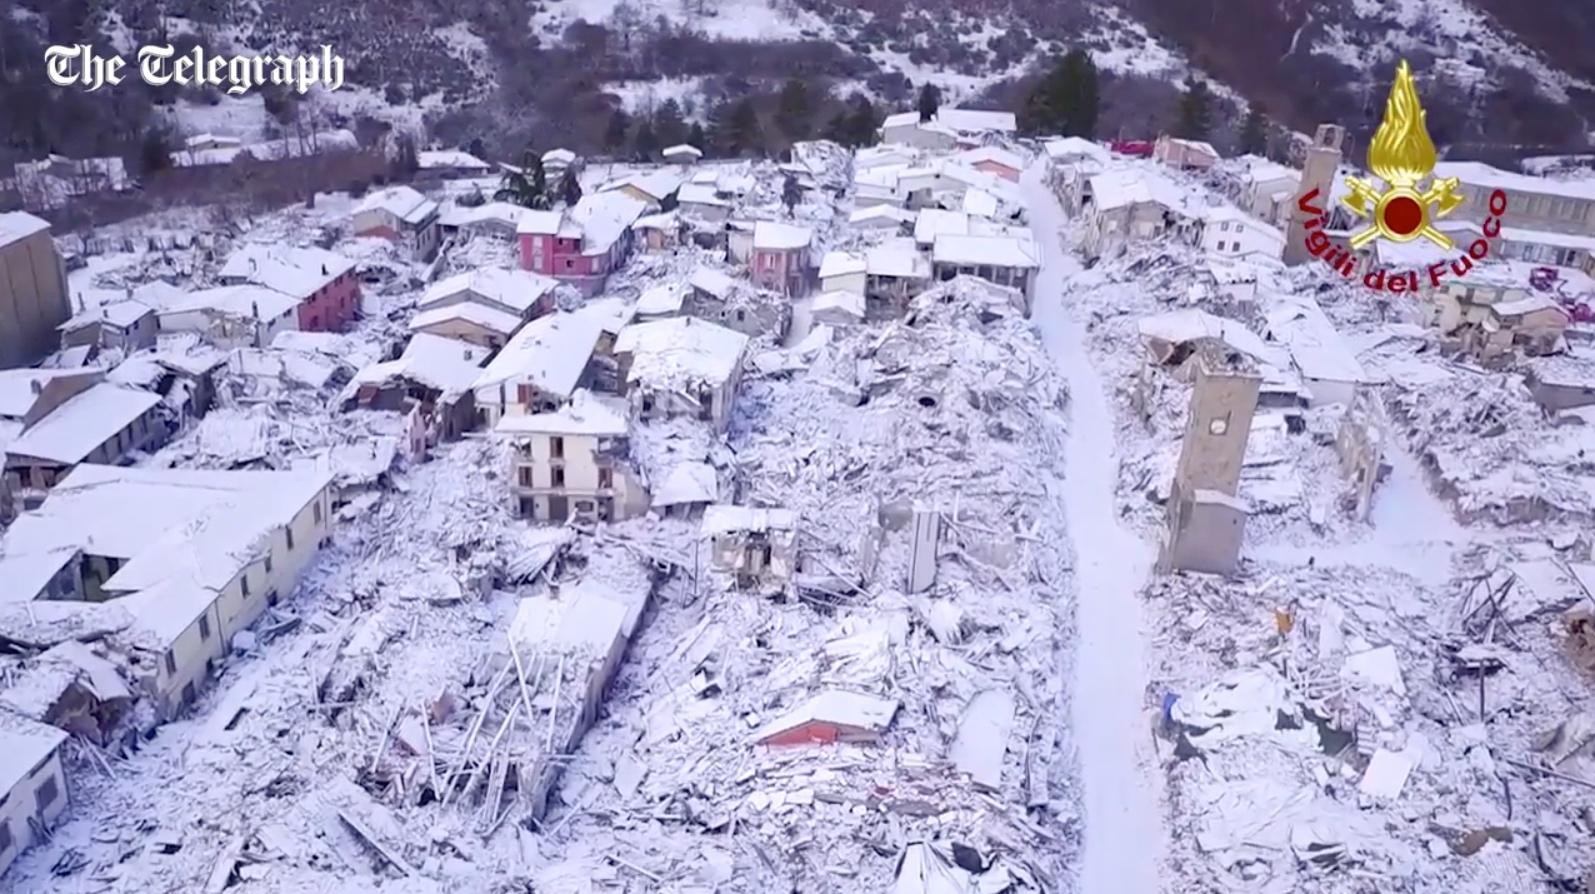 italy-earthquake-damage-amatrice